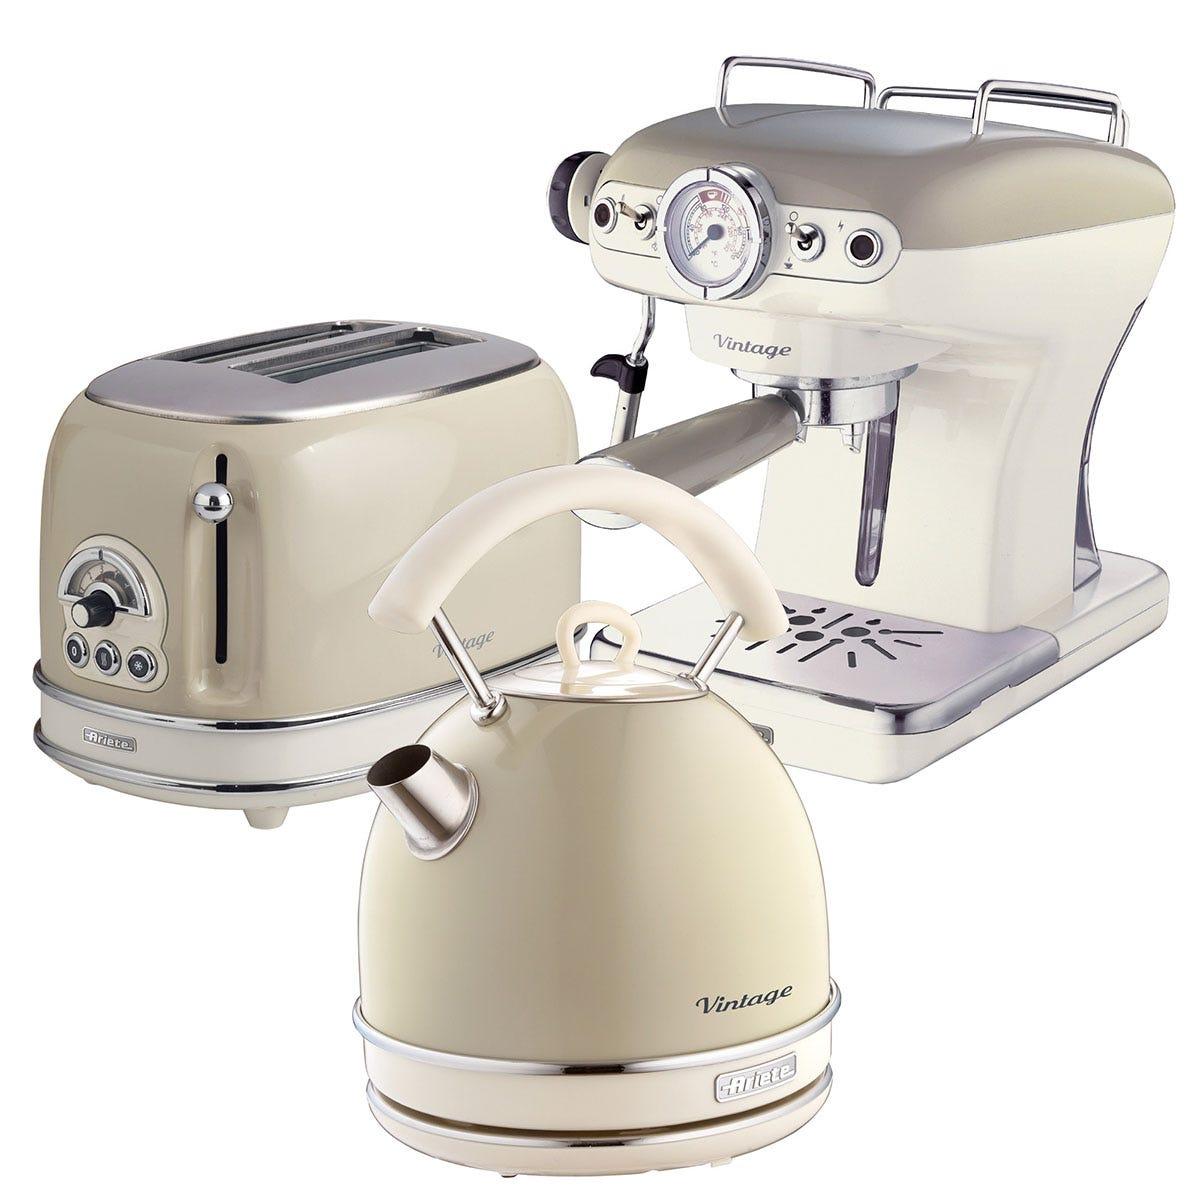 Ariete ARPK16 Vintage 2-Slice Toaster, 1.7L Dome Kettle, and Espresso Coffee Maker - Cream